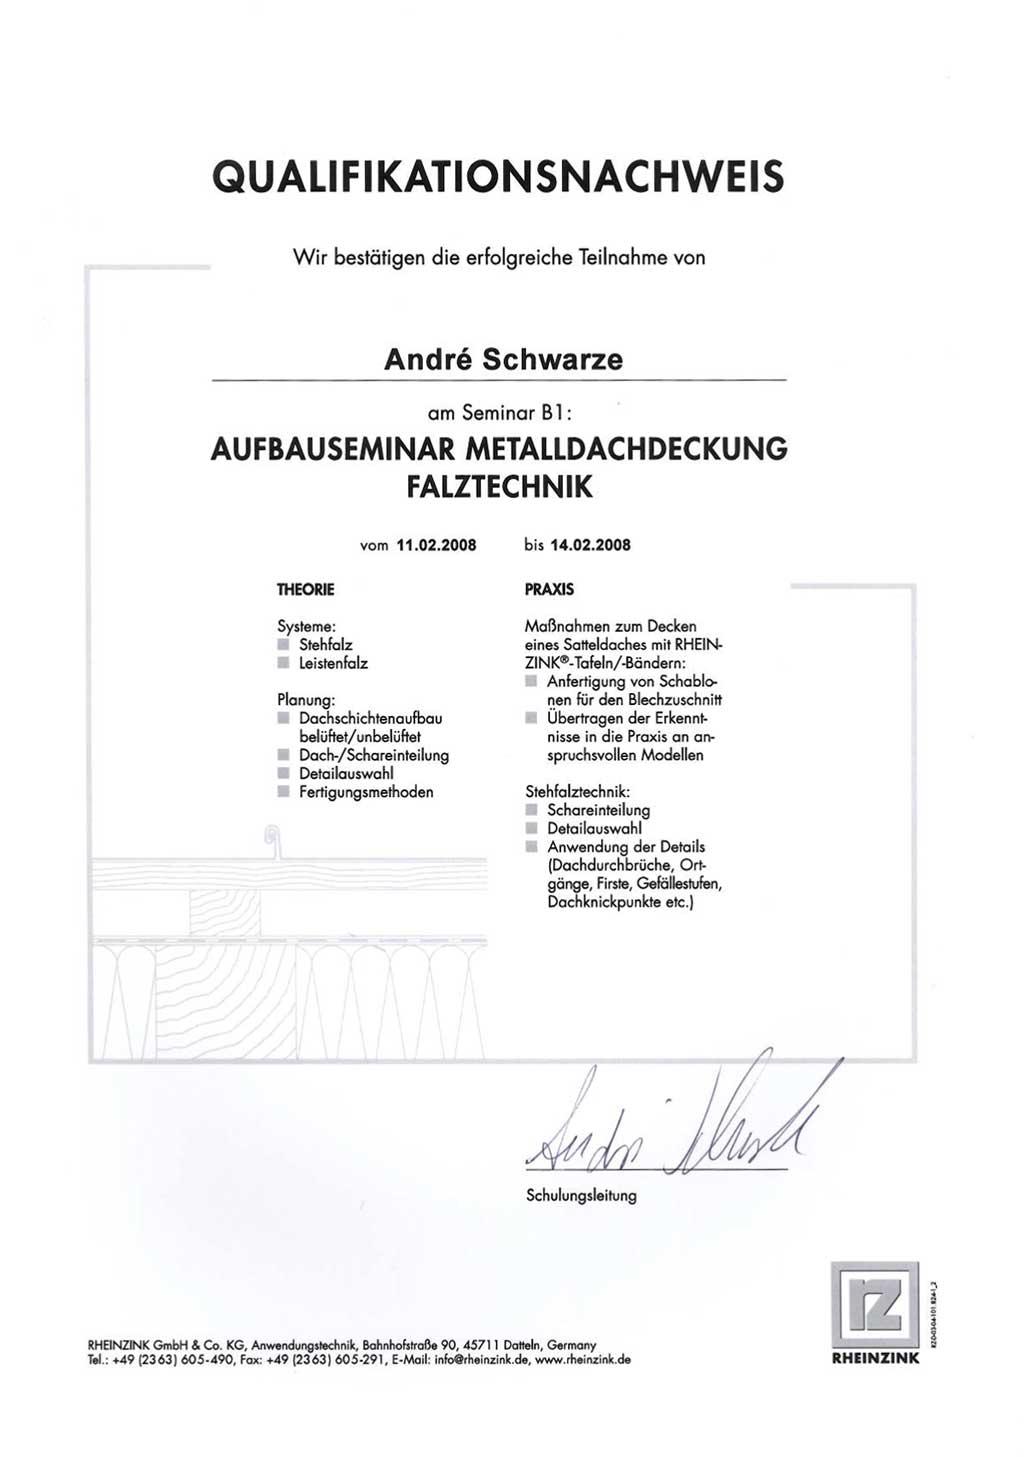 Aufbauseminar Metalldachdeckung Falztechnik